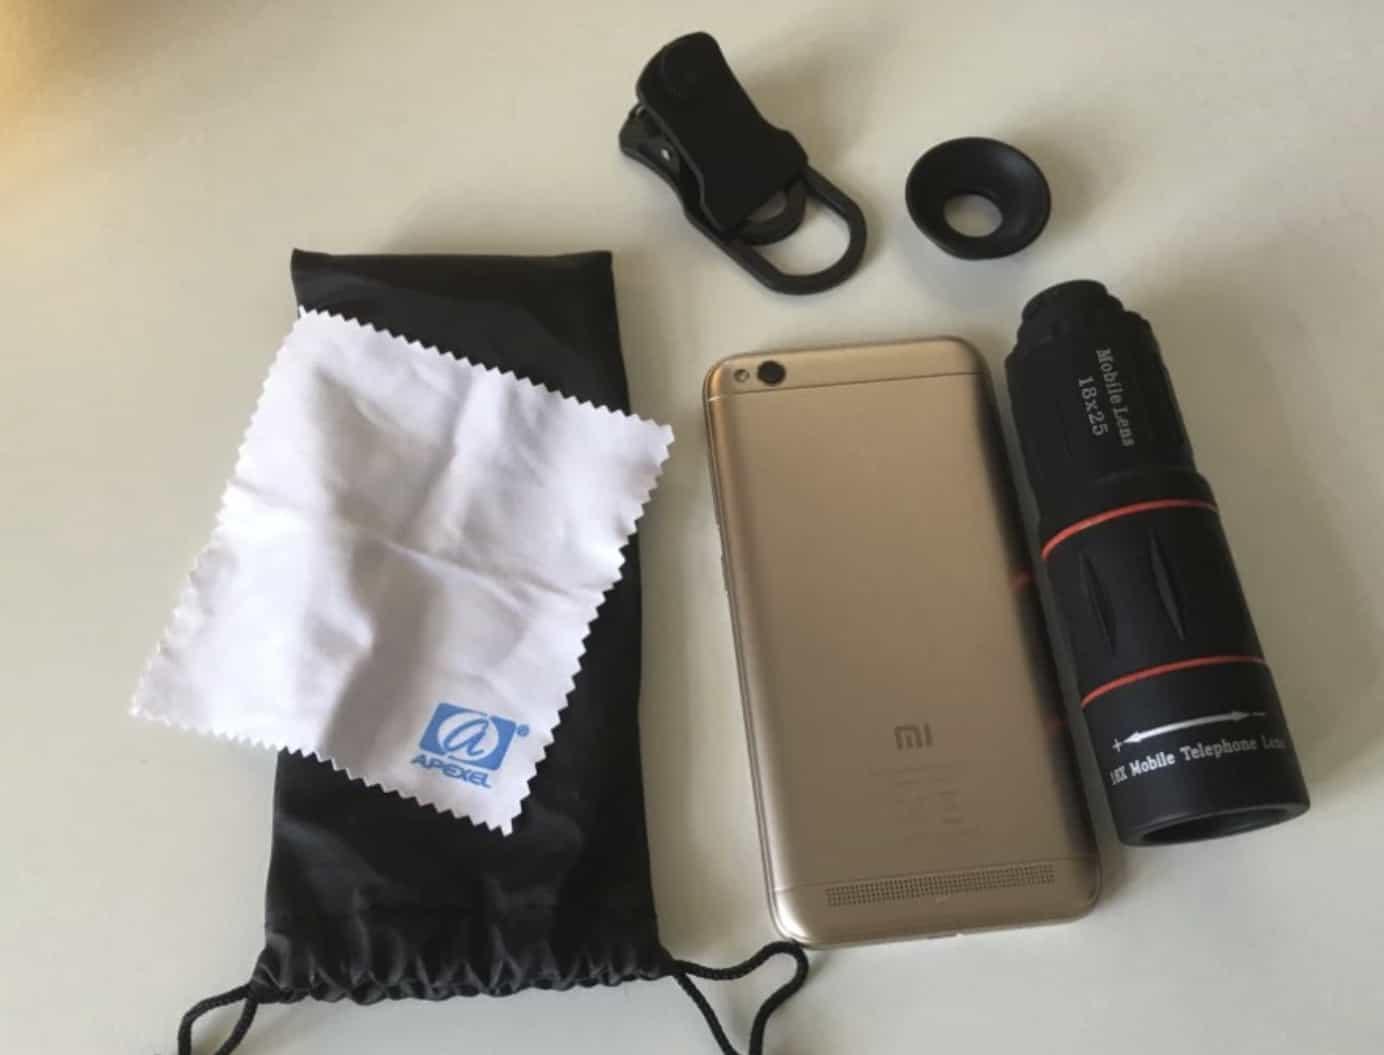 18 кратный объектив для смартфона